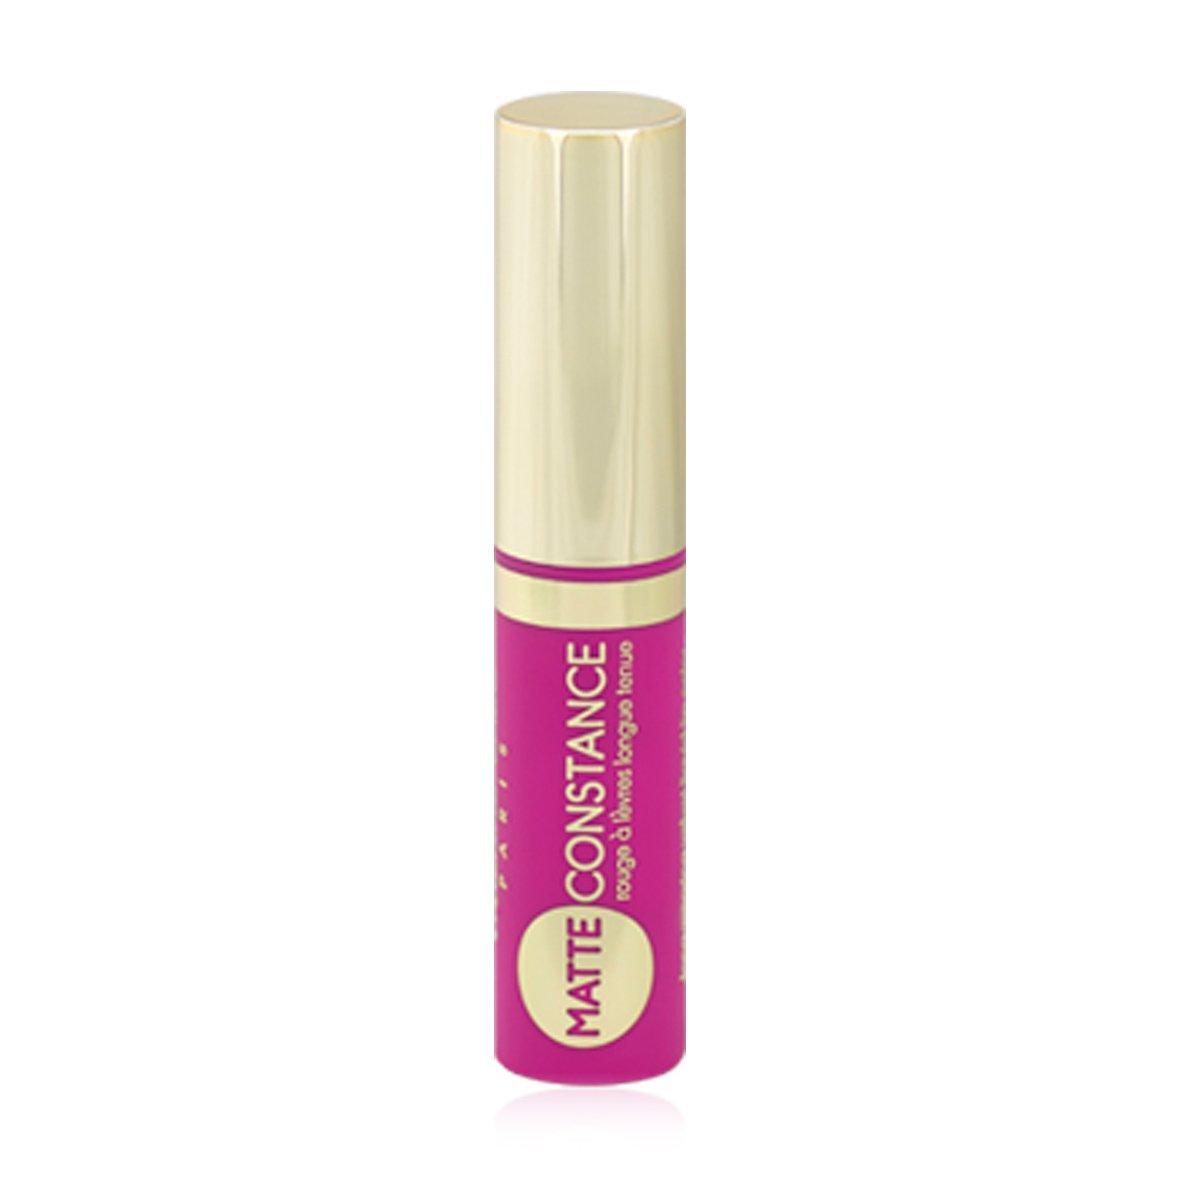 Купить Помада для губ жидкая Vivienne Sabo Matte Constance устойчивая с матовым эффектом 35, 3 мл